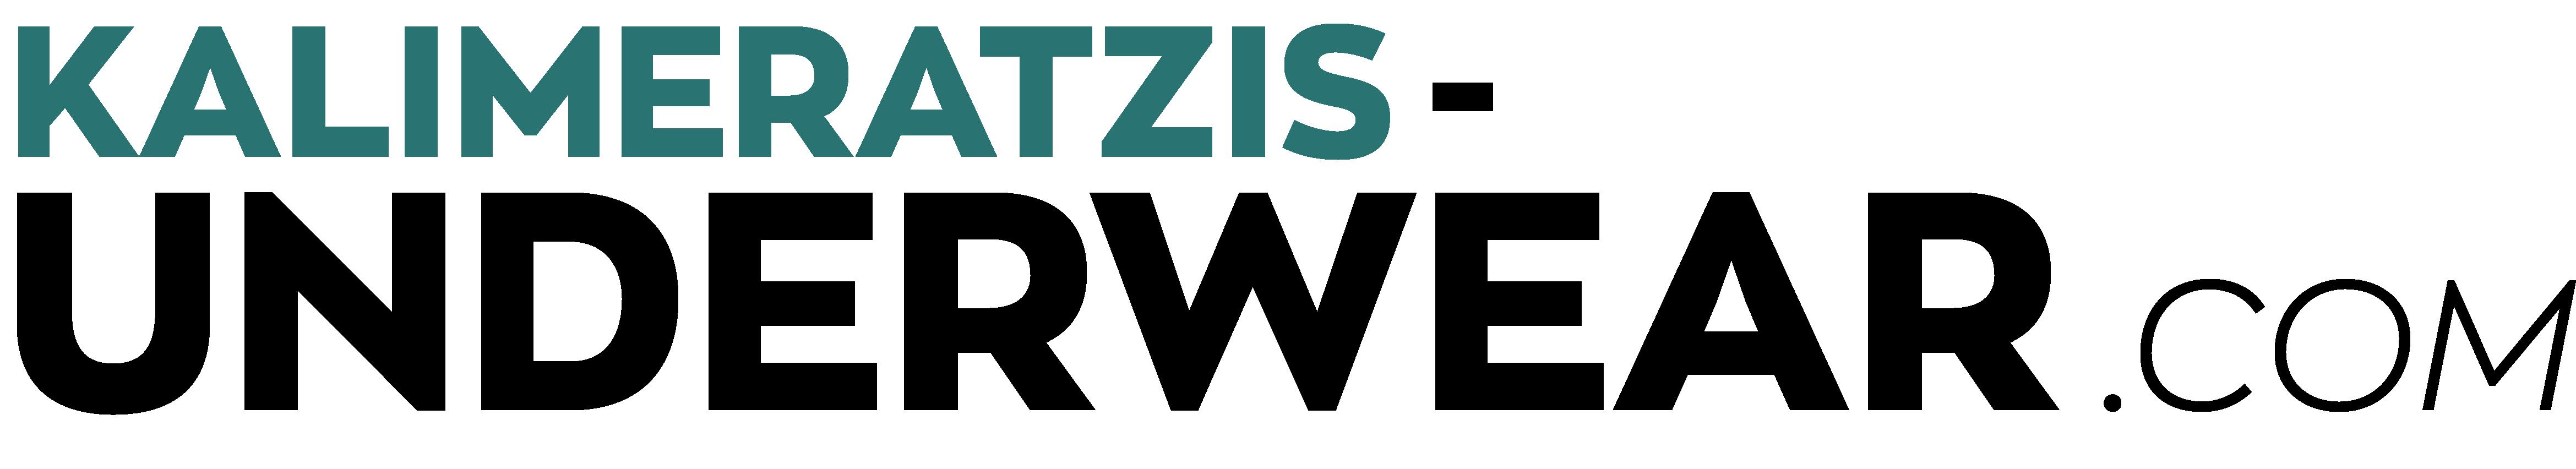 Kalimeratzis-Underwear.com